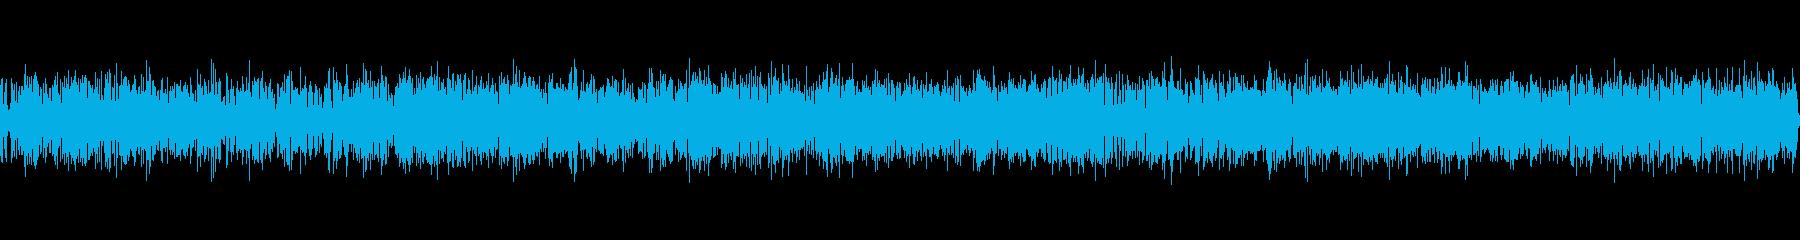 稚魚!持続的なピーク電力への一定の...の再生済みの波形